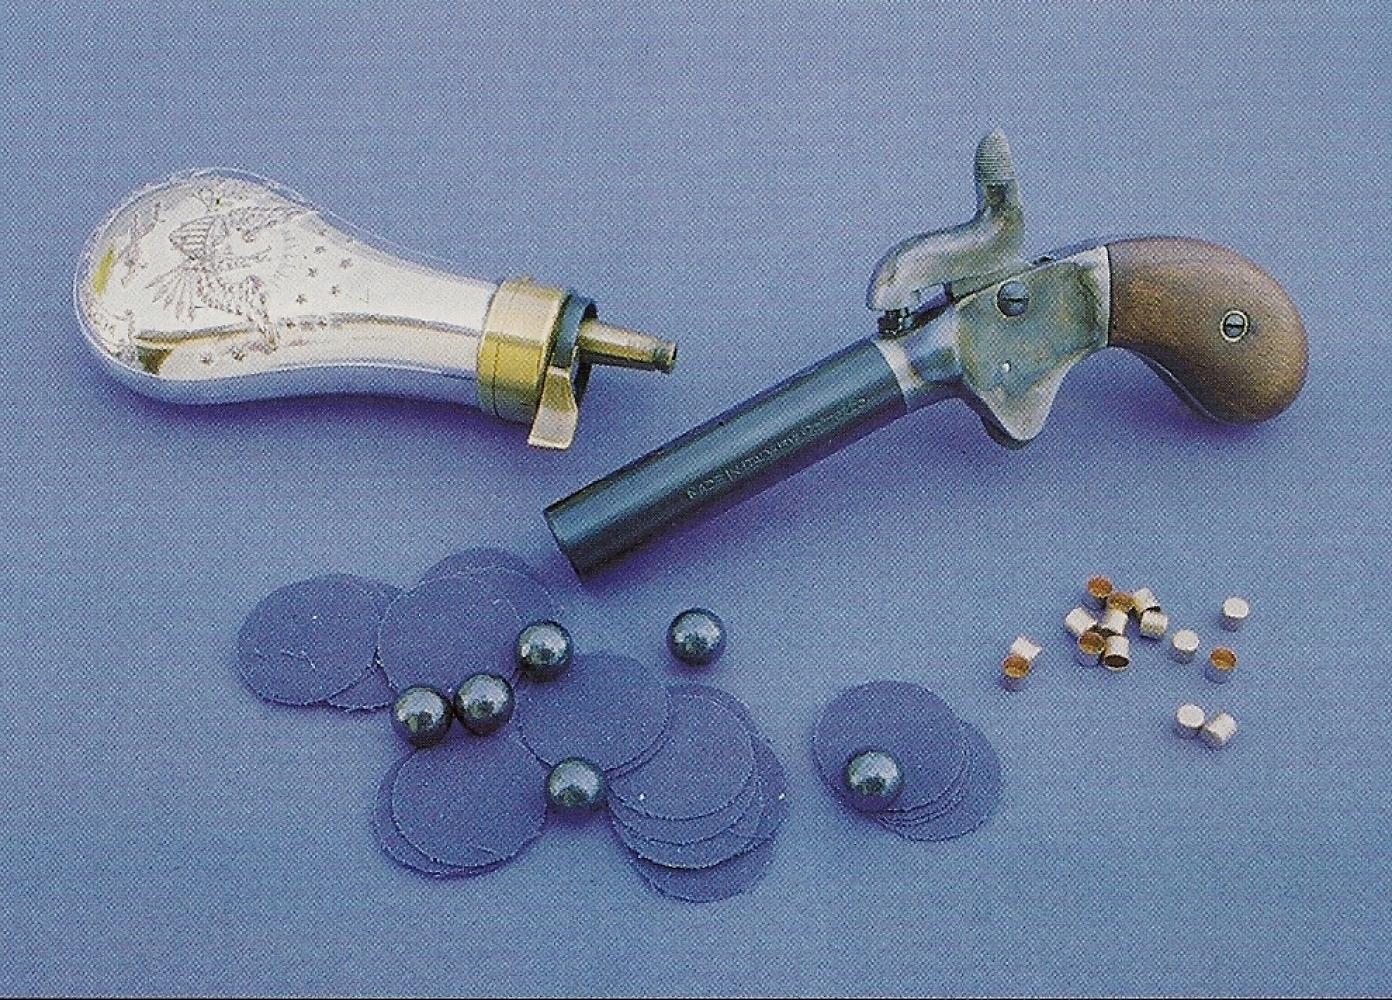 Le derringer Abilene, accompagné des accessoires nécessaires à son chargement : balles sphériques en plomb, calepins, amorces et poire à poudre.